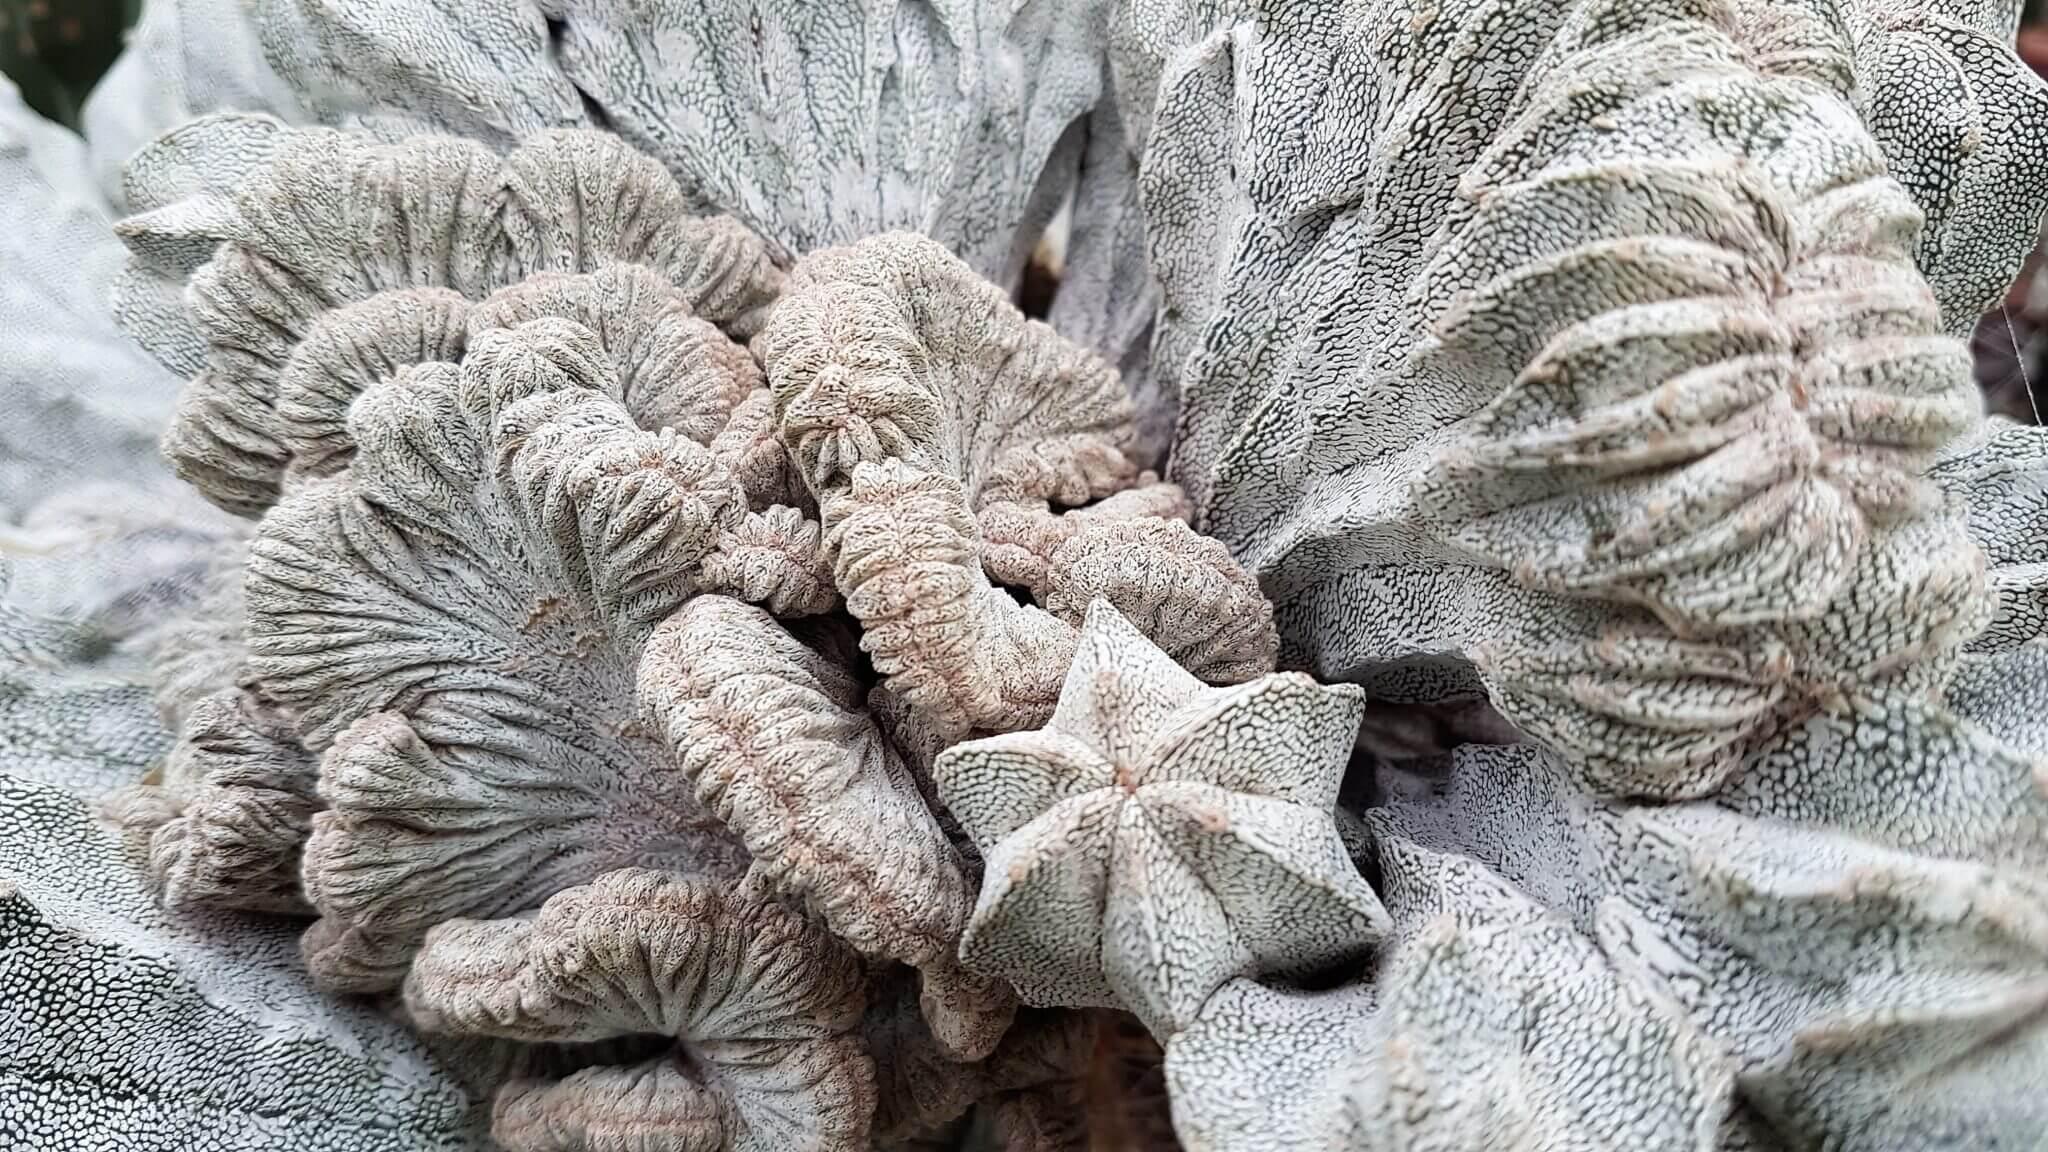 Astrophytum myriostigma cv. Onzuka crestata